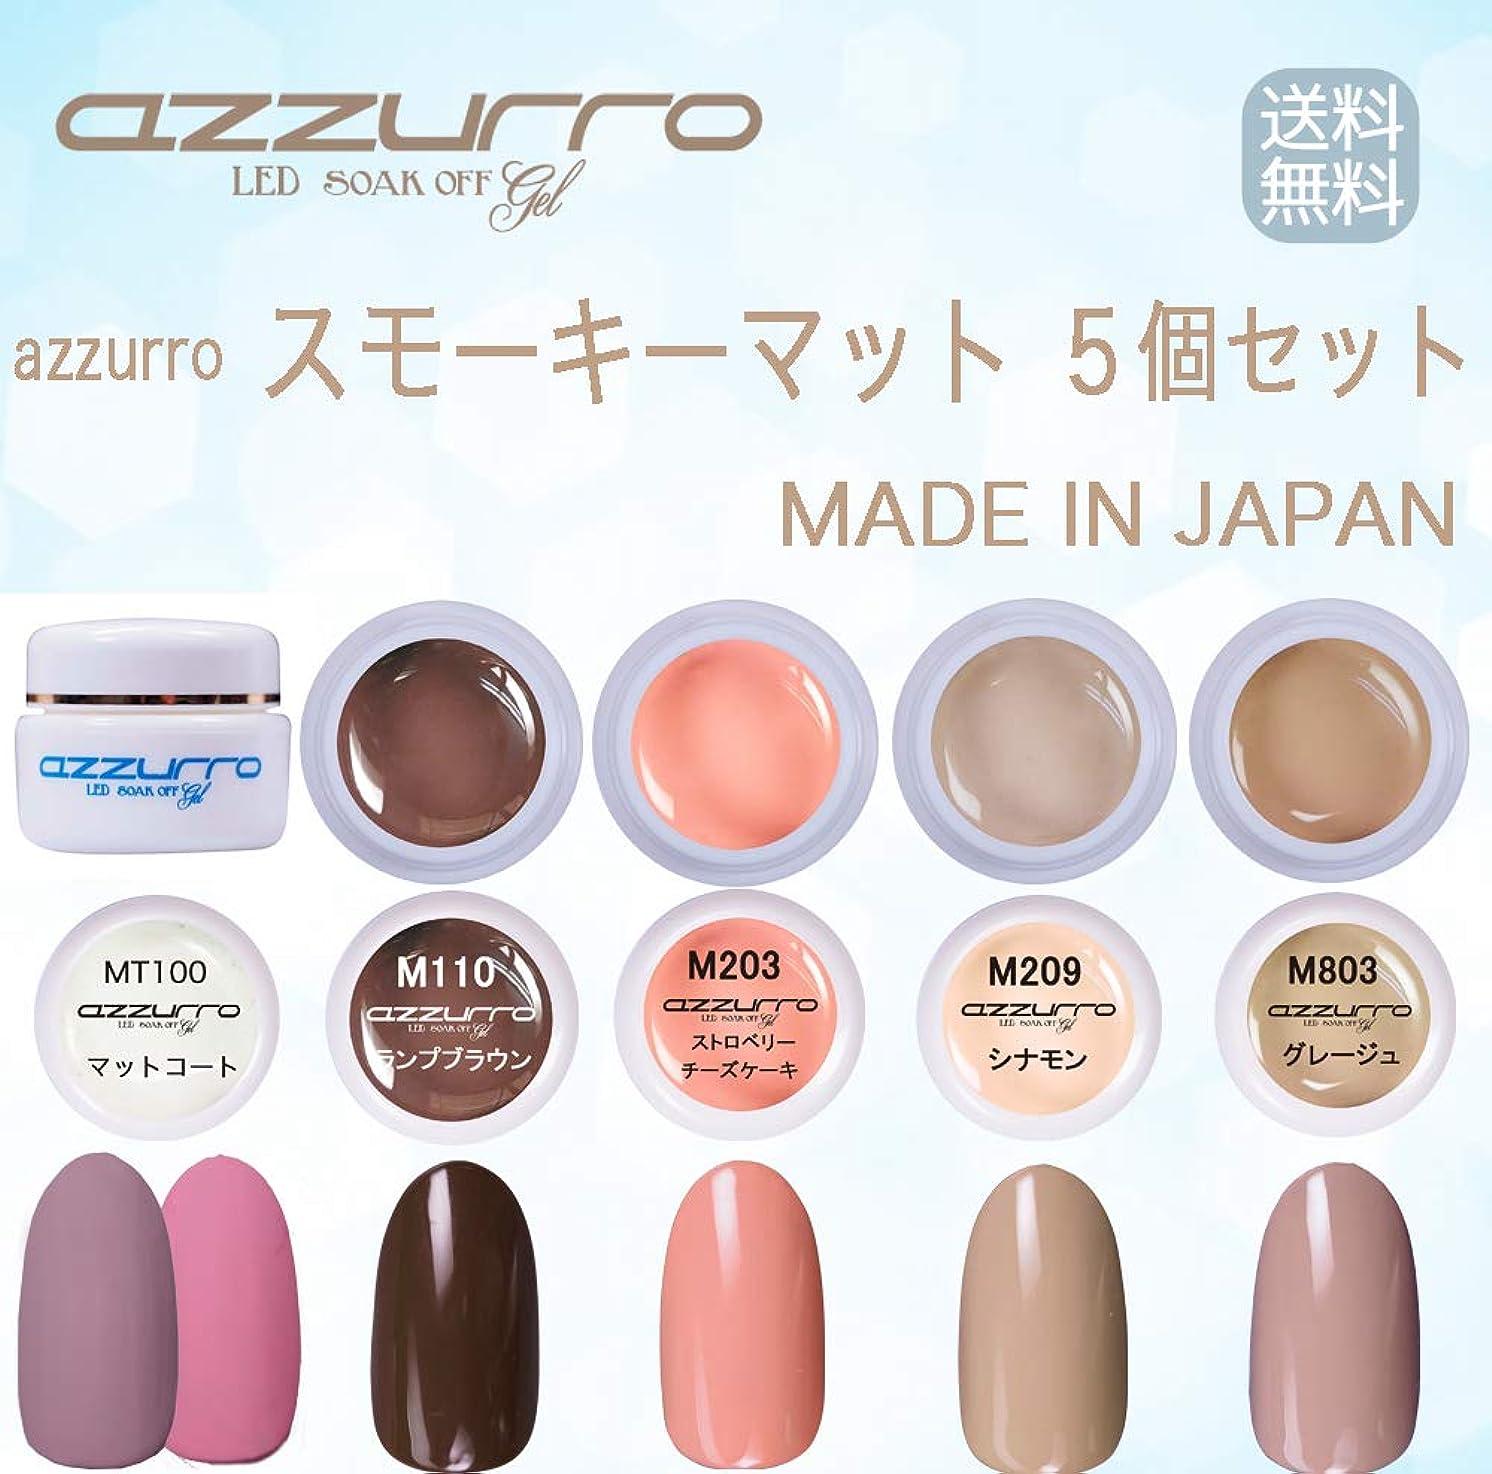 効能忘れっぽい枯れる【送料無料】日本製 azzurro gel スモーキーマットカラージェル5個セット トレンドネイルのマストアイテムのマットトップ